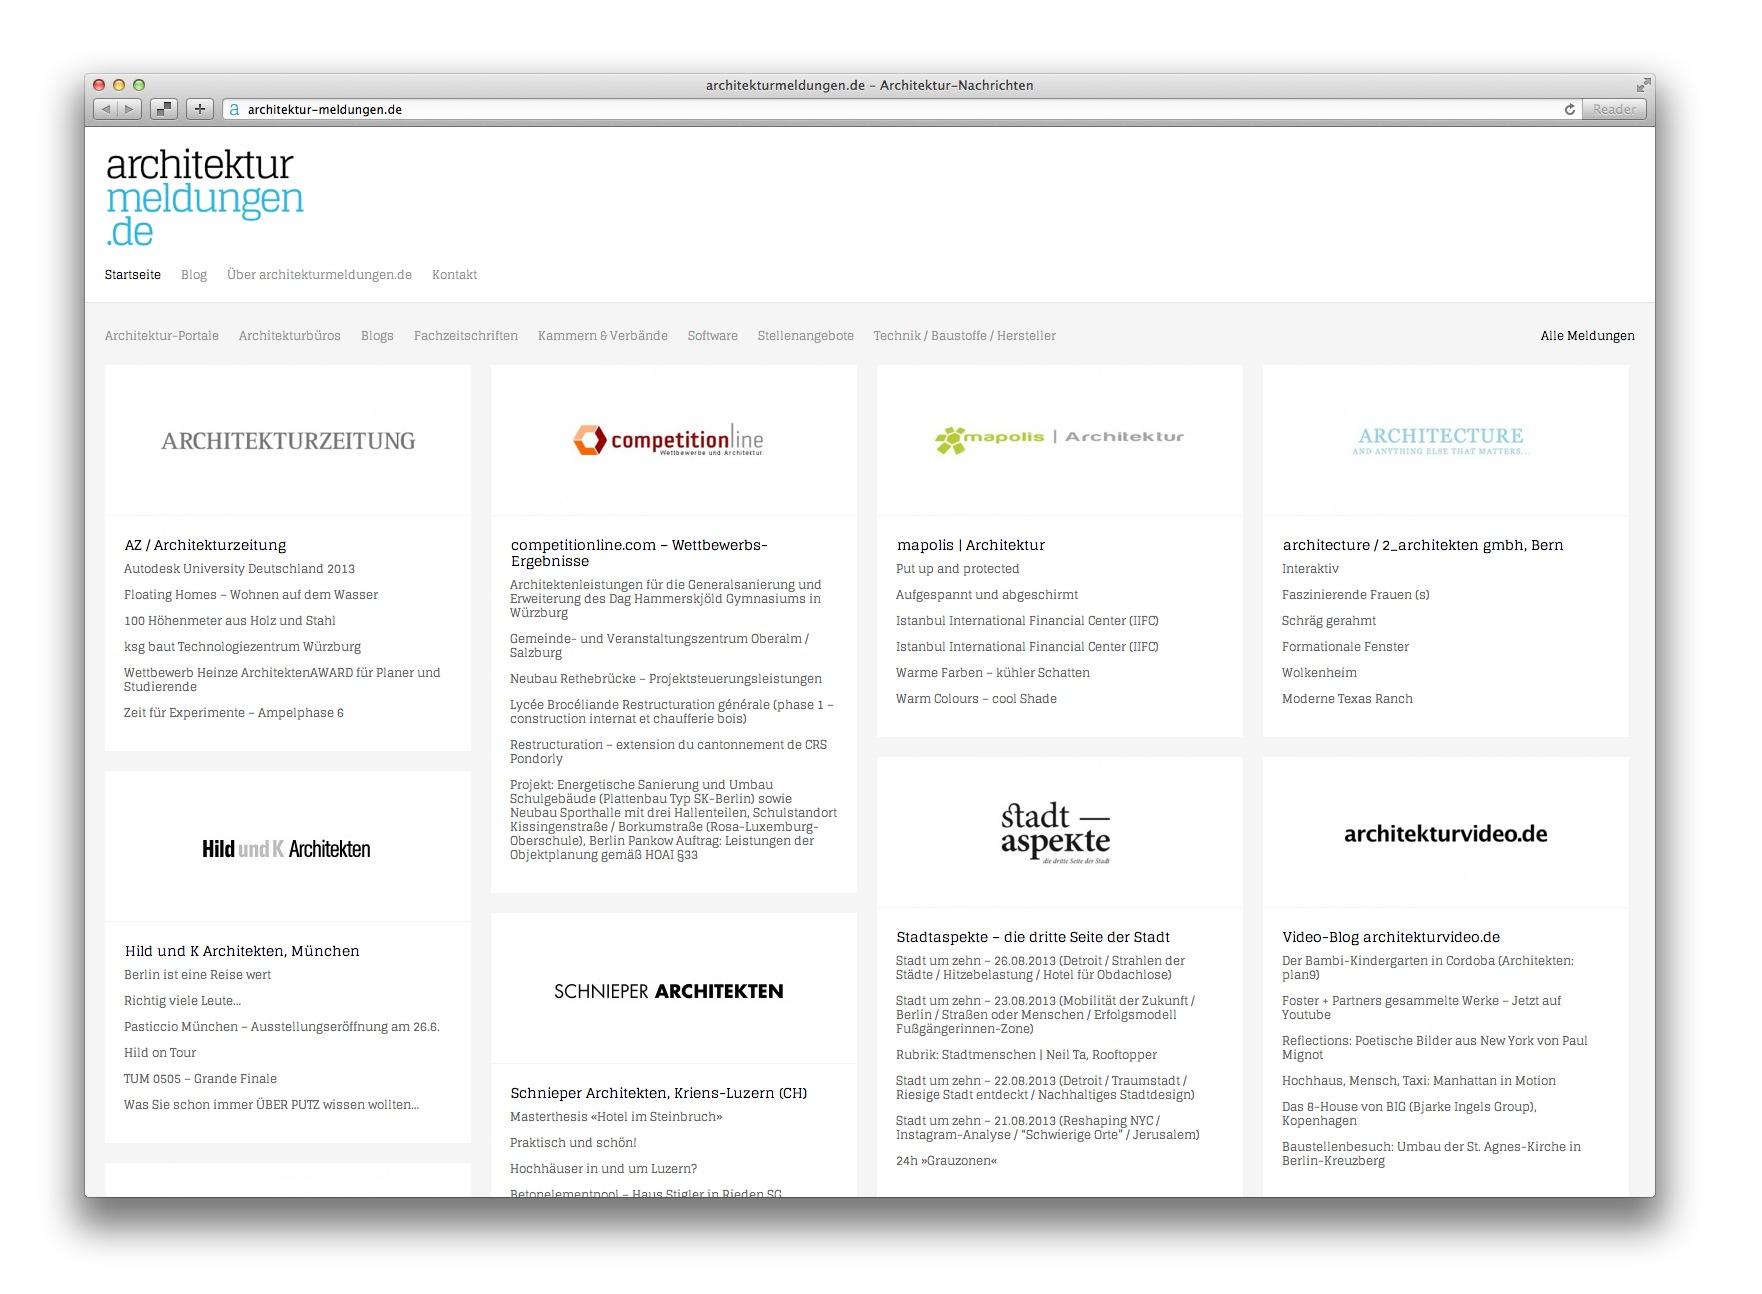 Screenshot der neuen Startseite auf architekturmeldungen.de (August 2013)